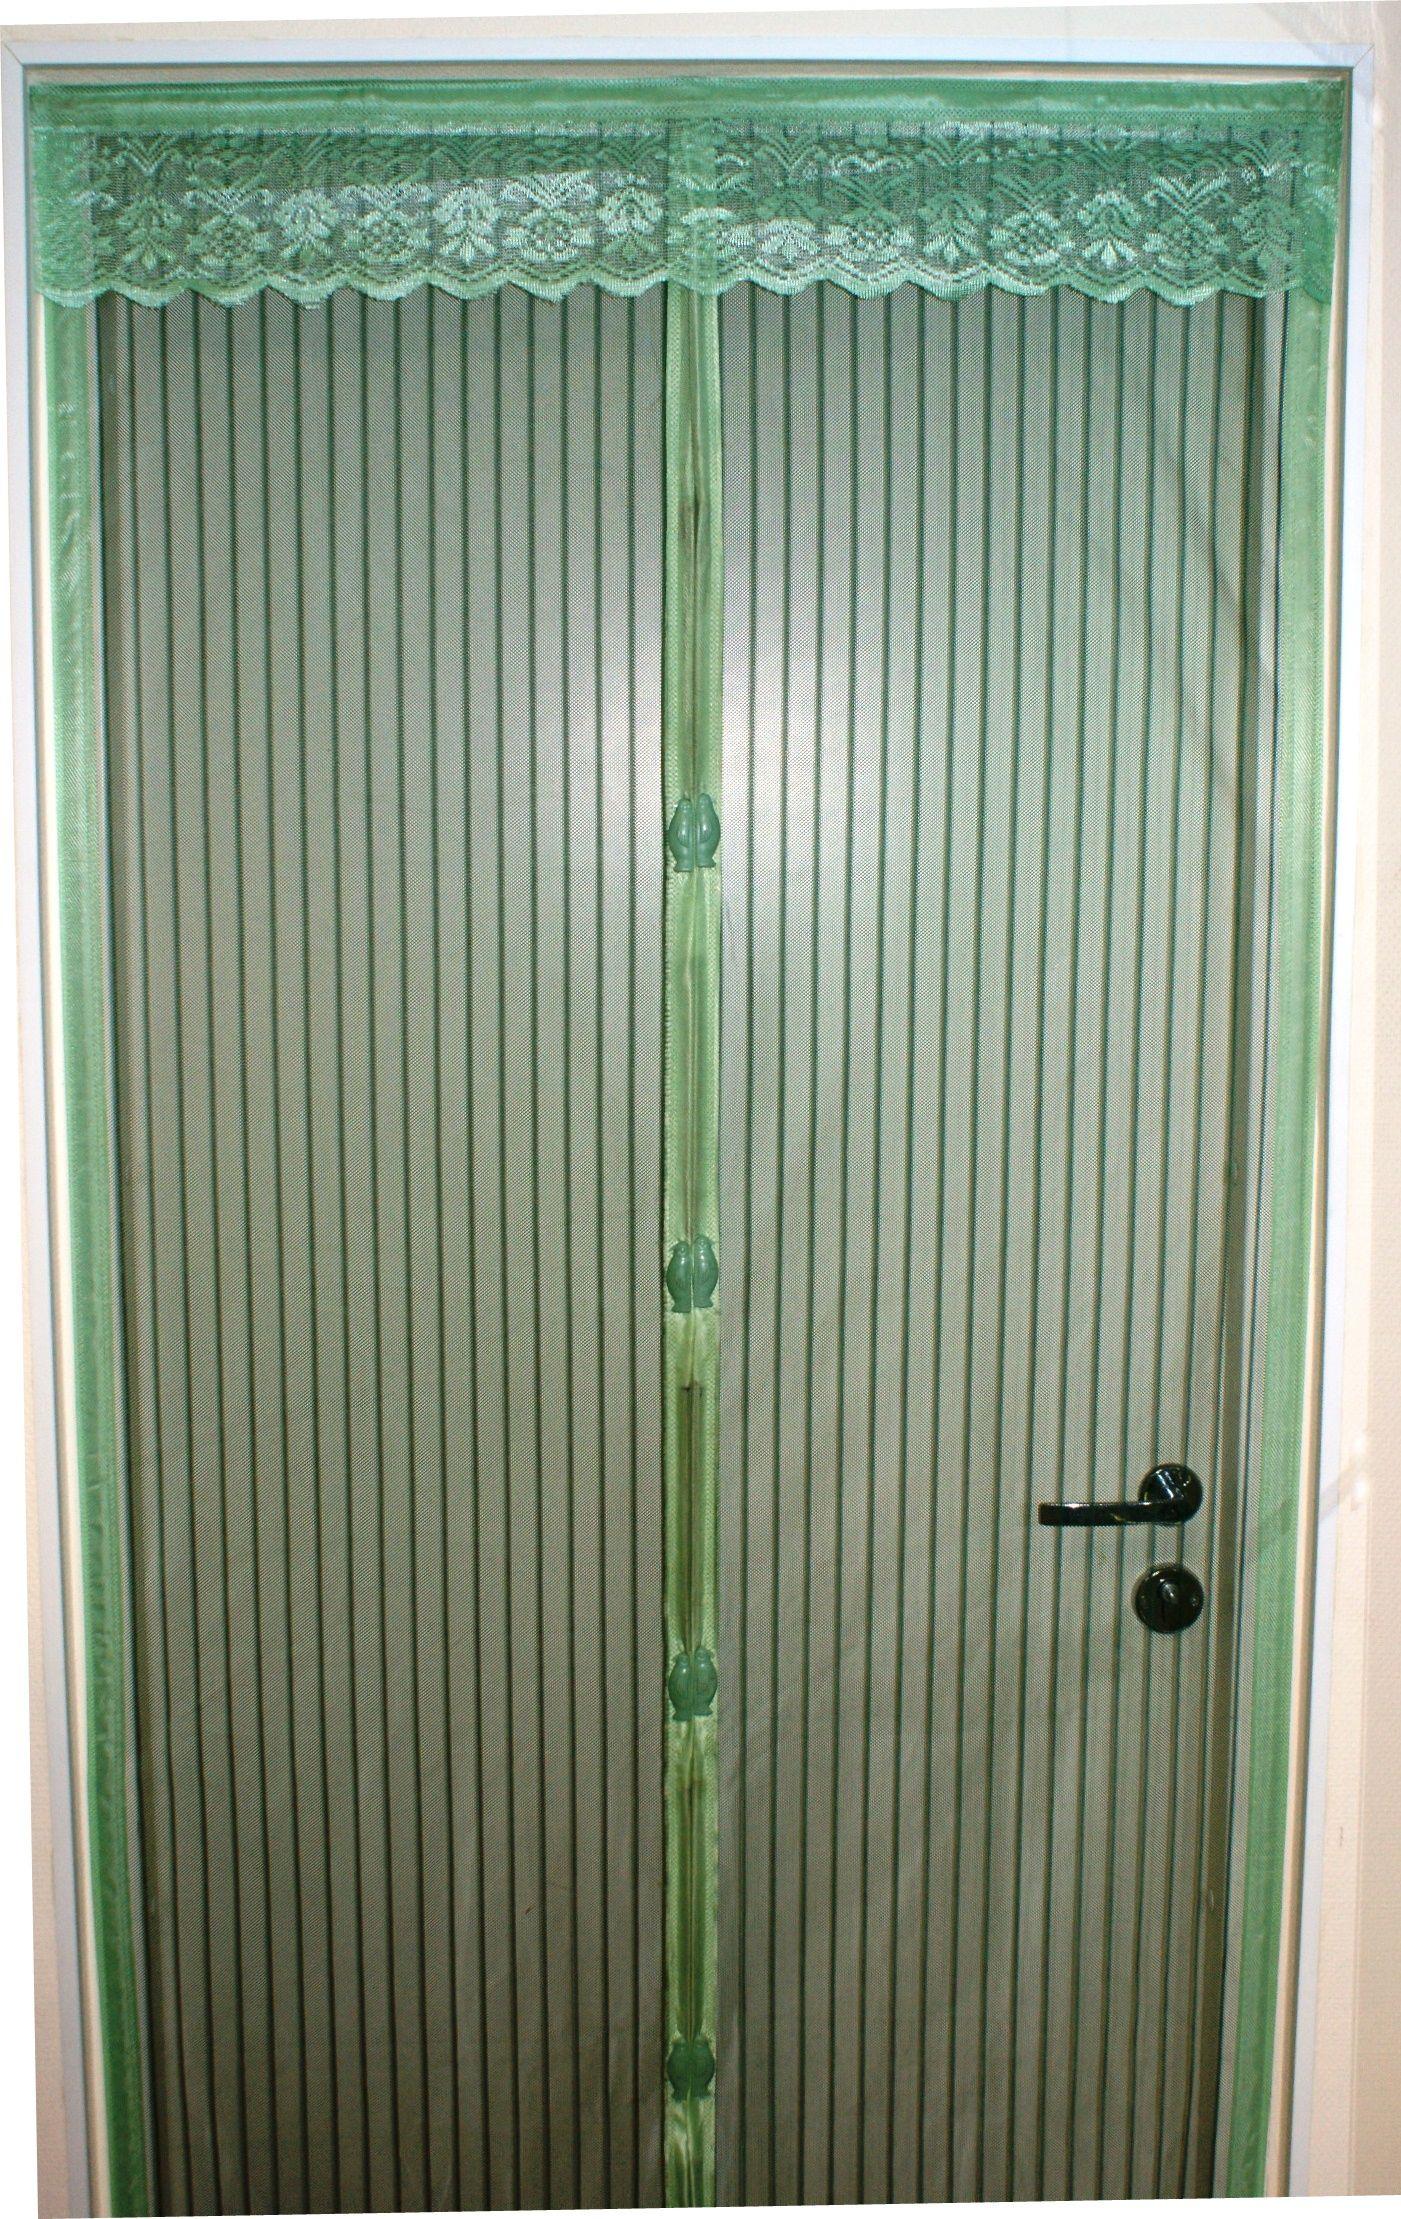 москитные сетки Сетка антимоскитная MARKETHOT Москитная сетка на магнитах-птичках, зеленый